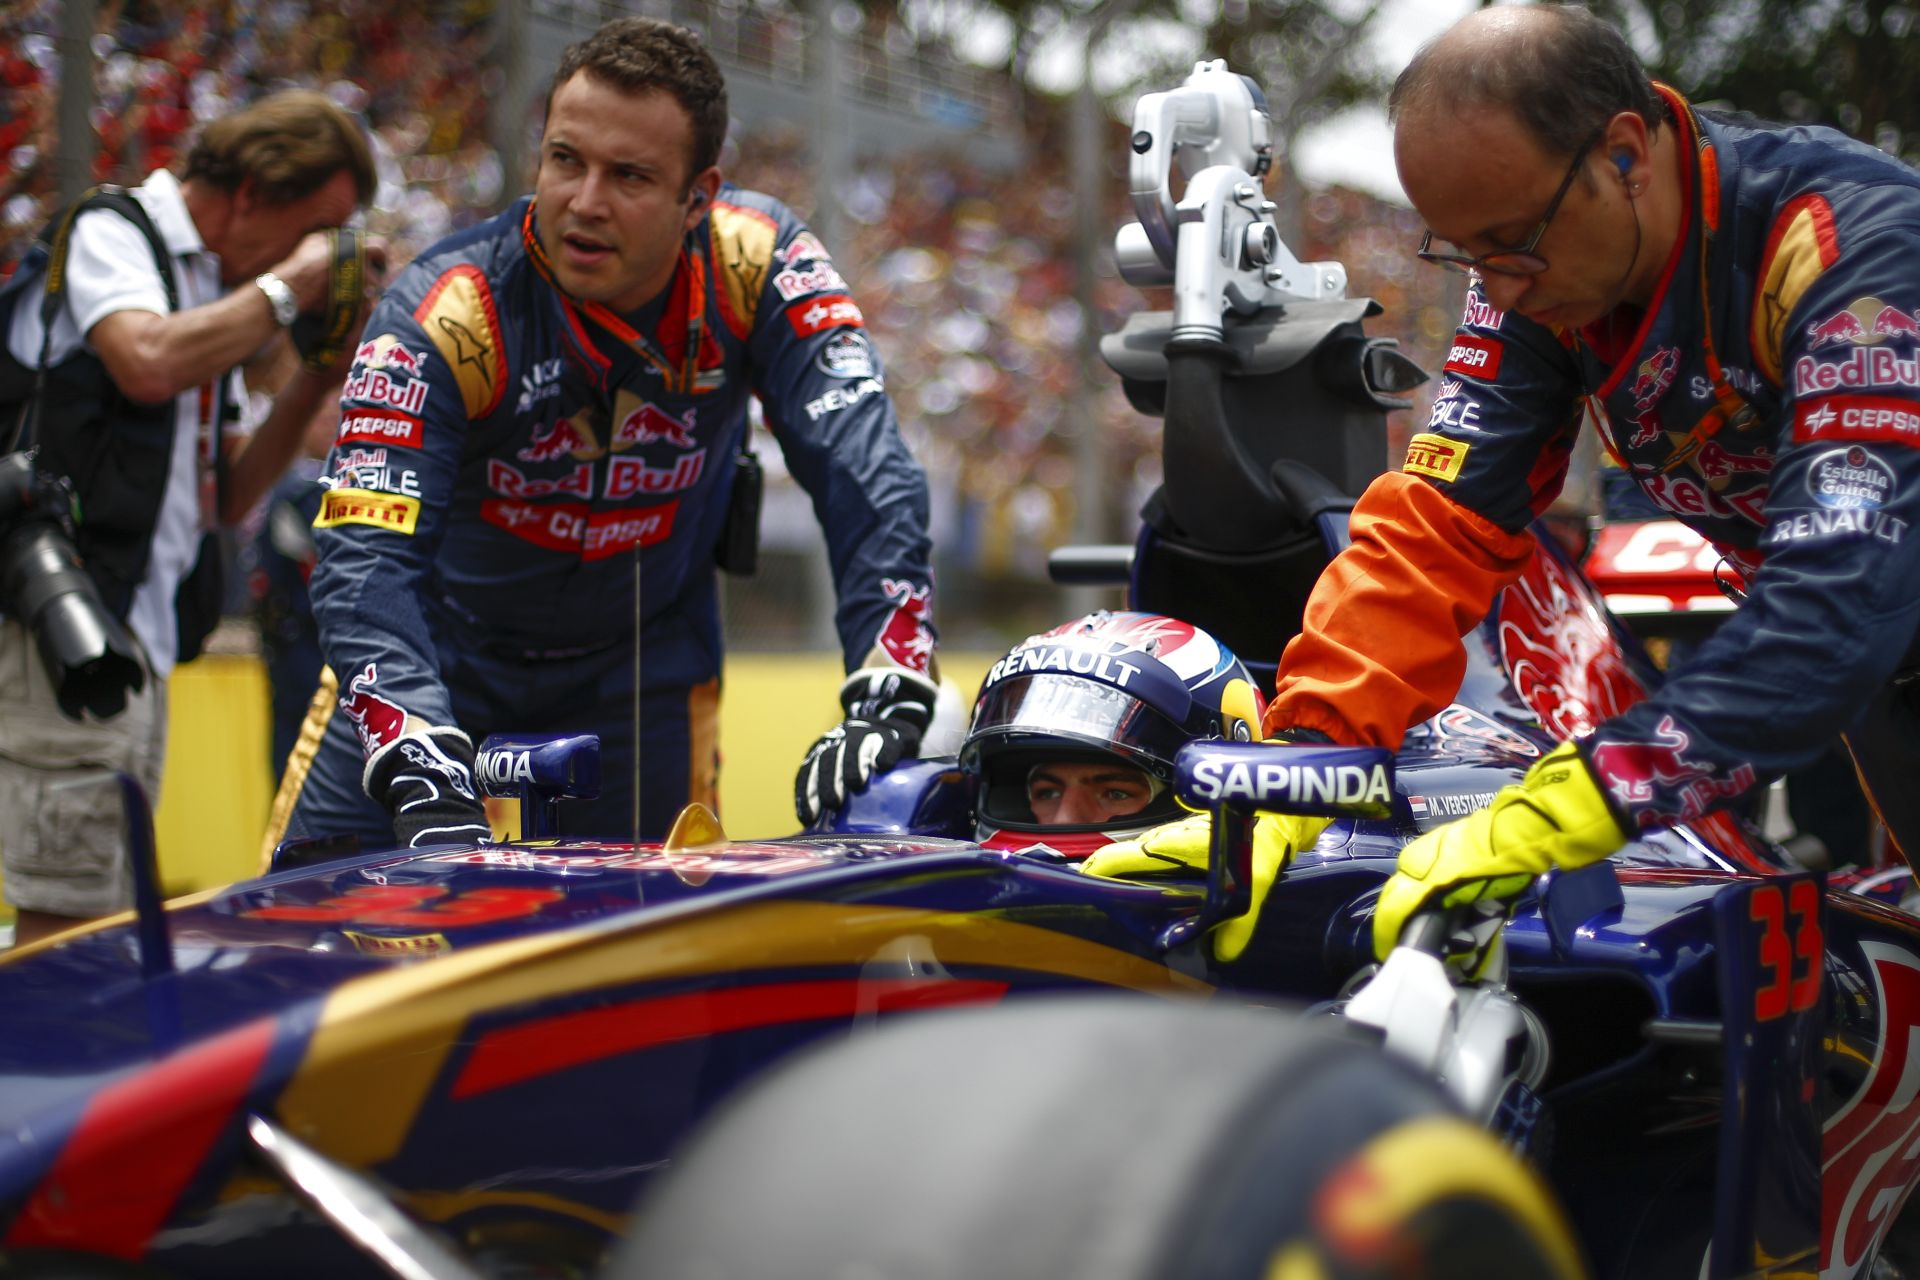 Max Verstappen sok dicséretet kapott - mint a fiatal Senna vagy Schumacher!